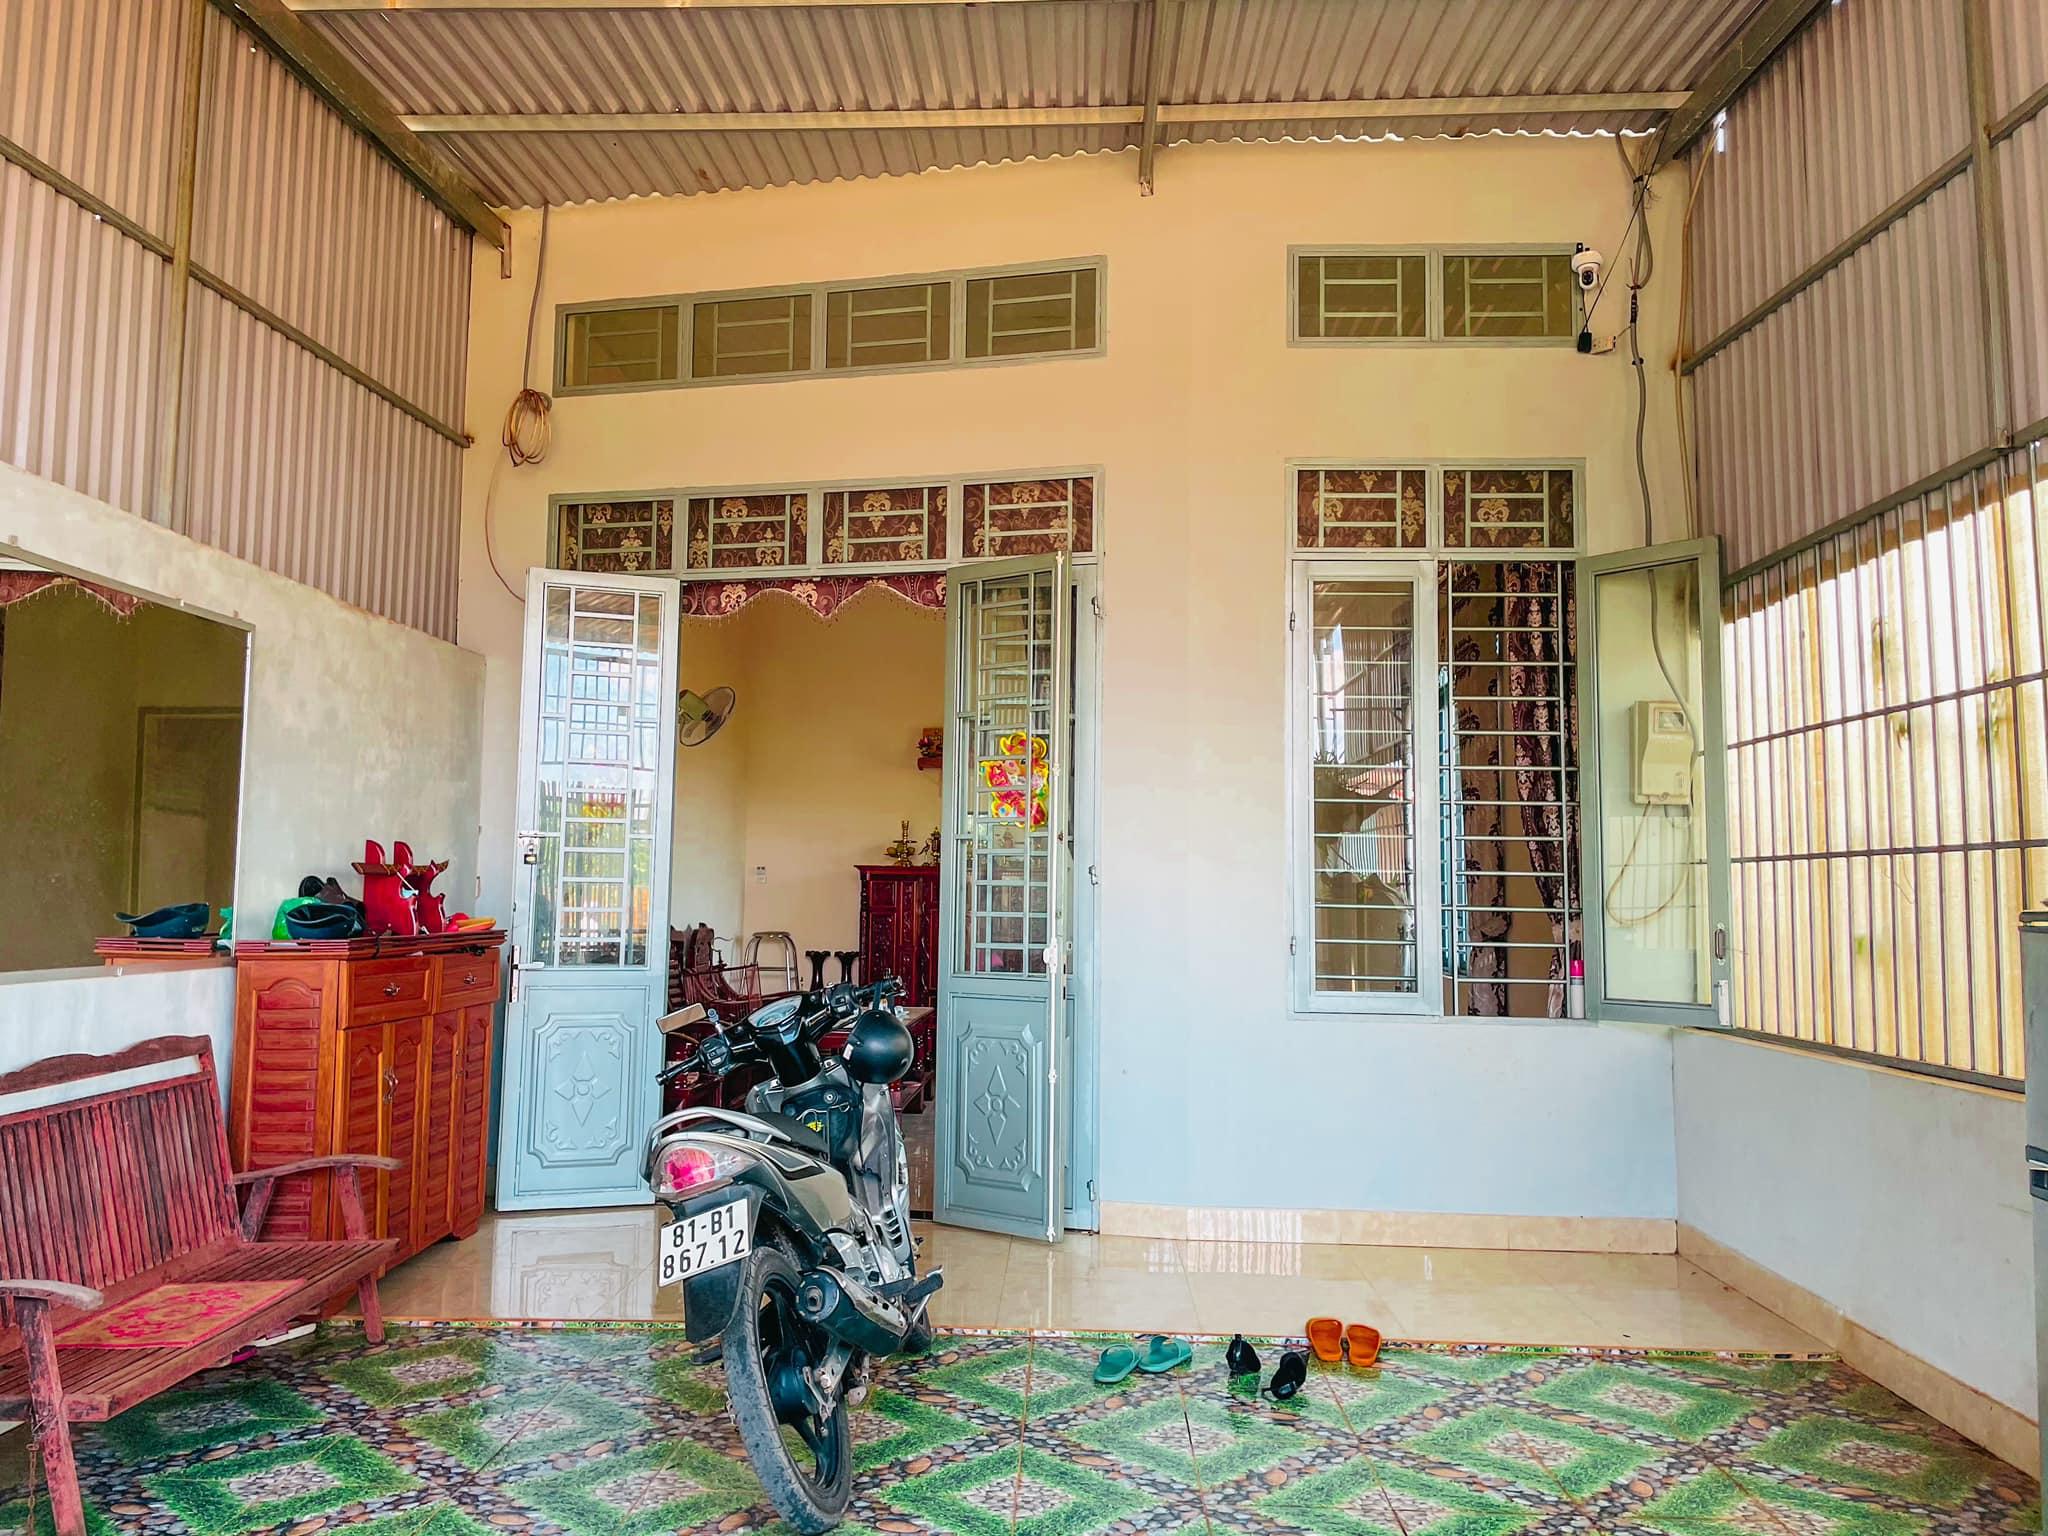 Cần bán gấp nhà cấp 4 hẻm 125 Hà Huy Tập - Tổ 5 - Yên Thế